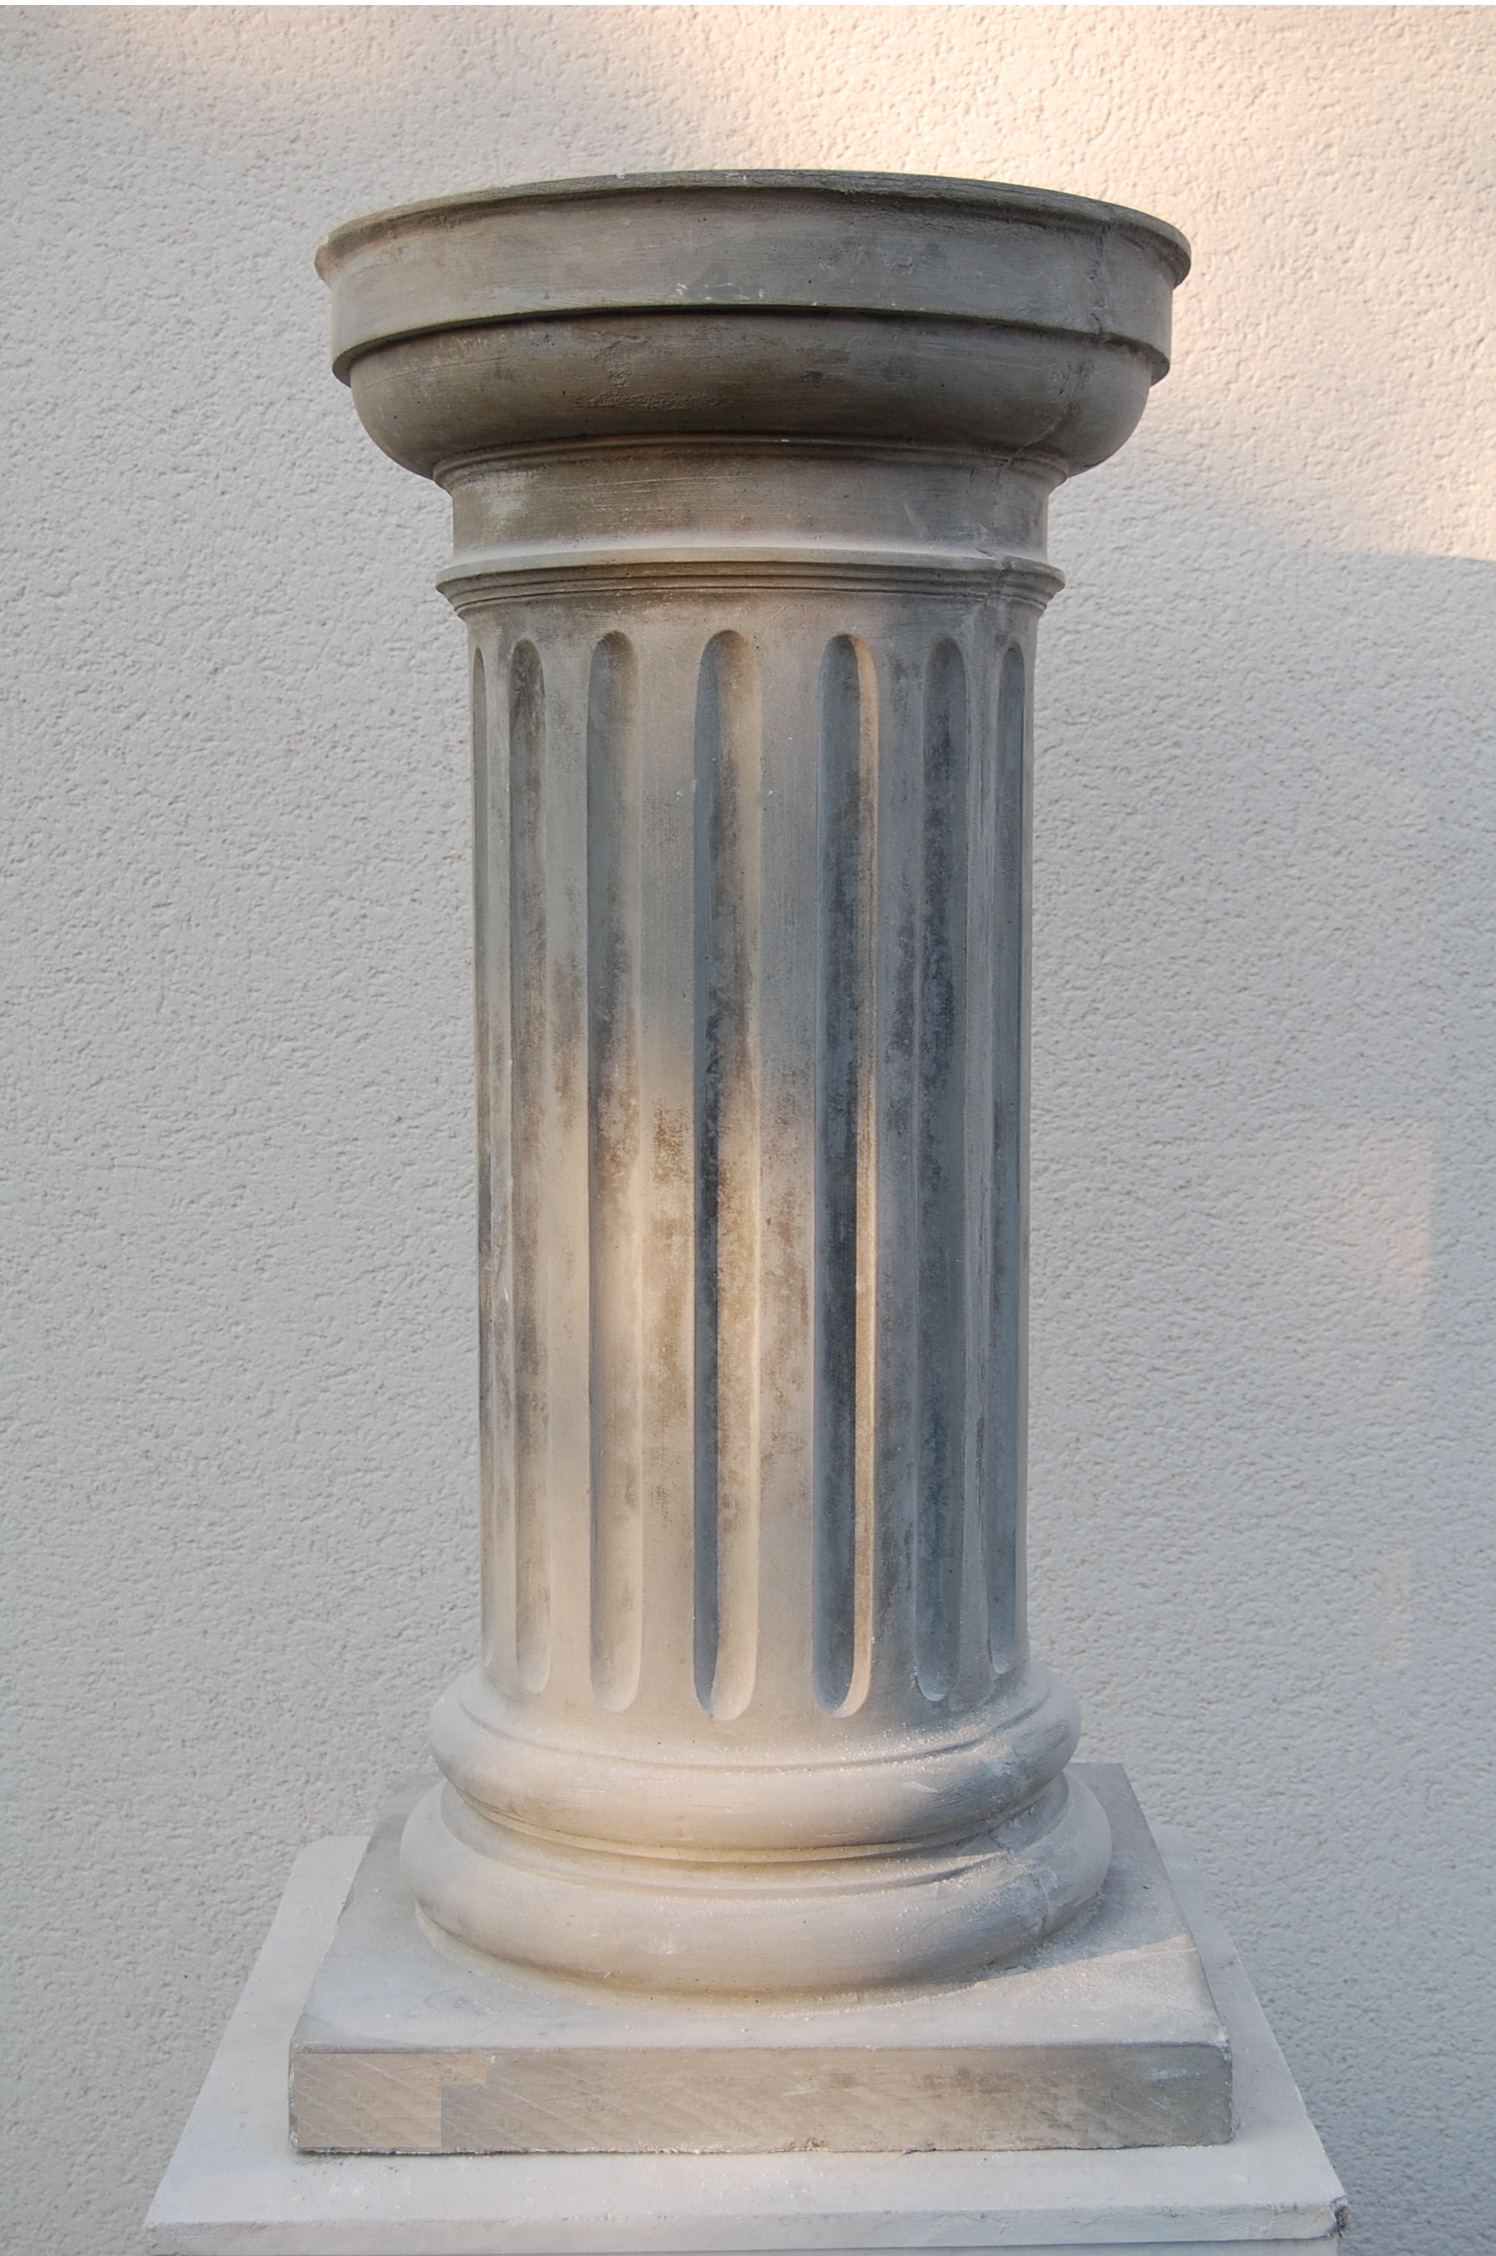 Pedestal : Pedestals The Old Mould Garden